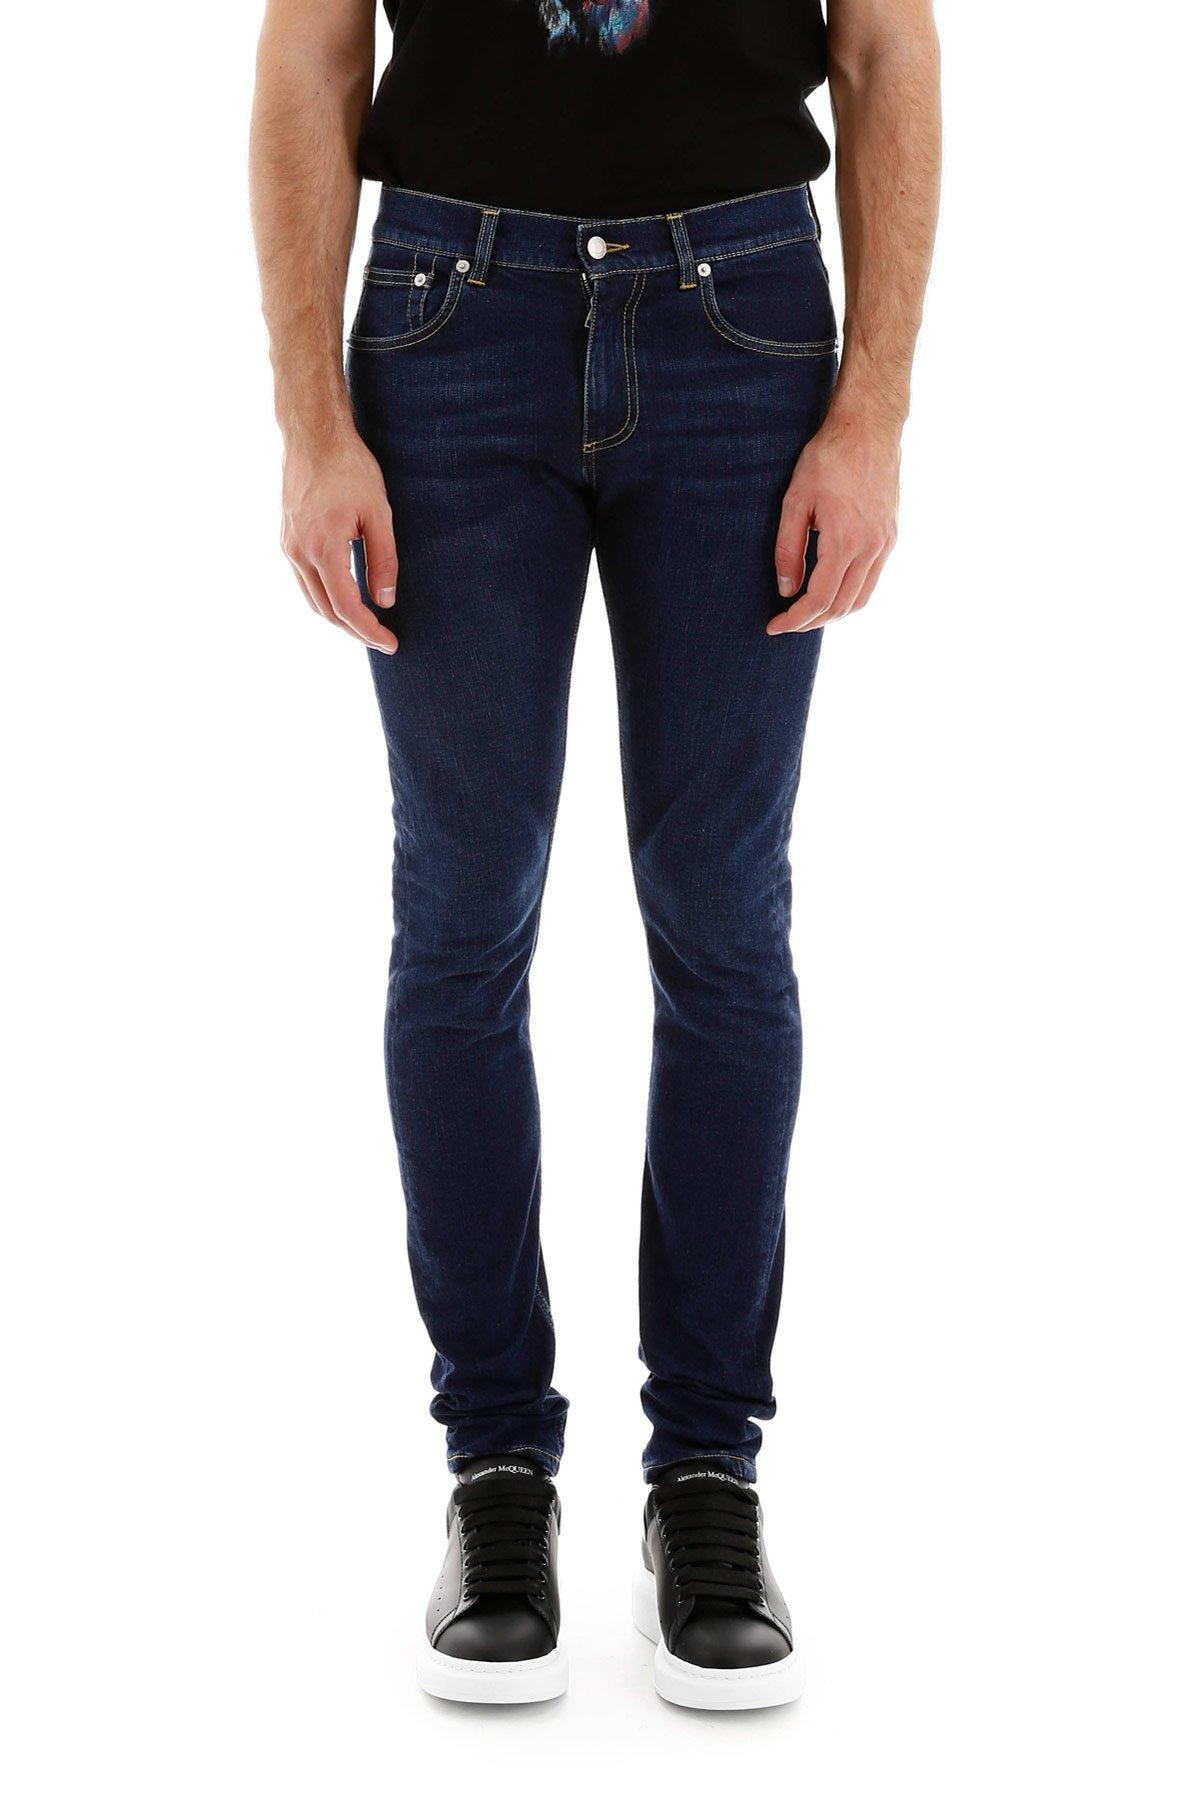 Alexander mcqueen jeans skinny